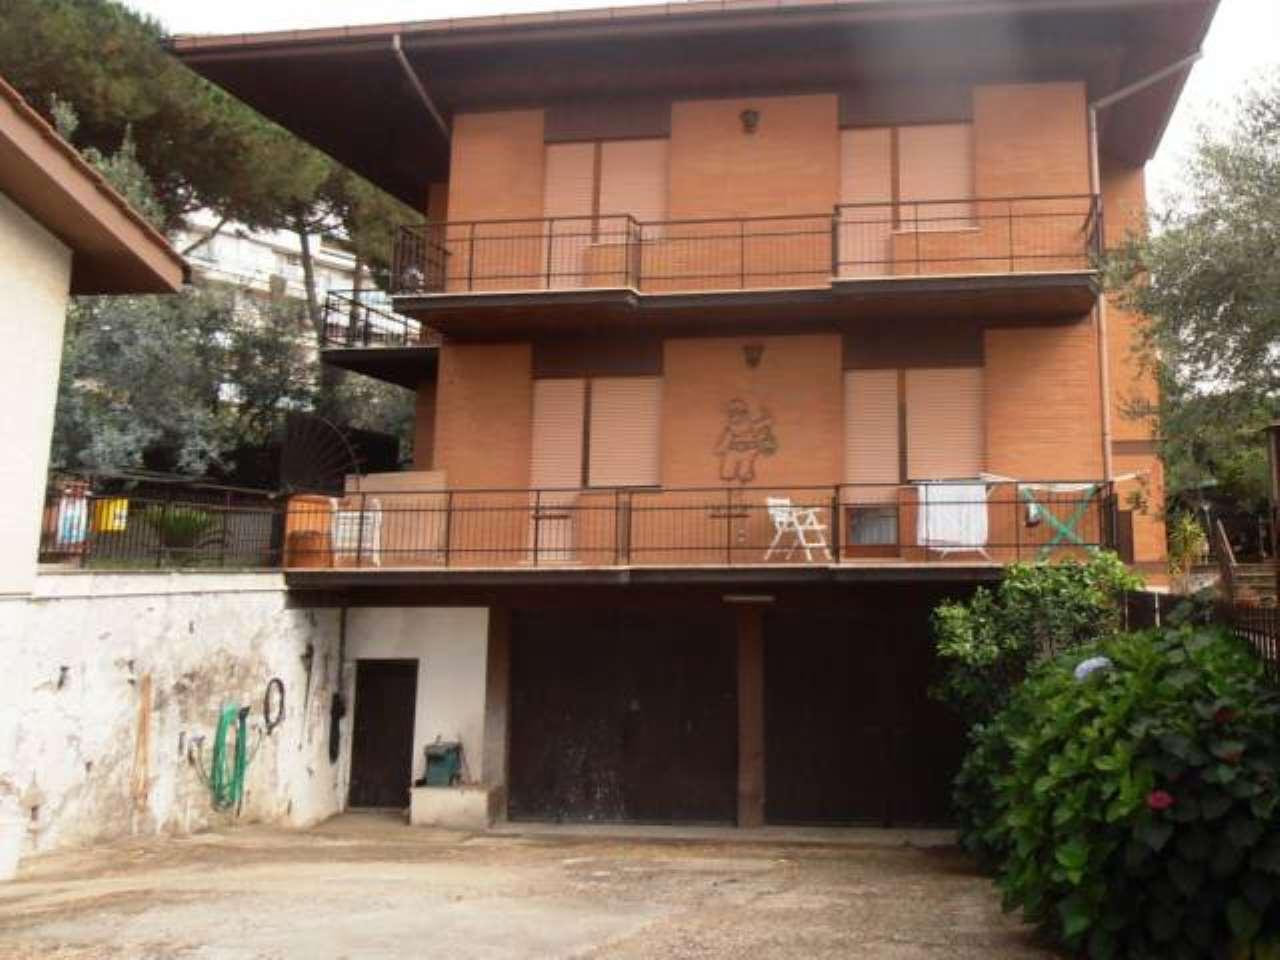 Attico / Mansarda in affitto a Albano Laziale, 2 locali, prezzo € 400 | Cambio Casa.it